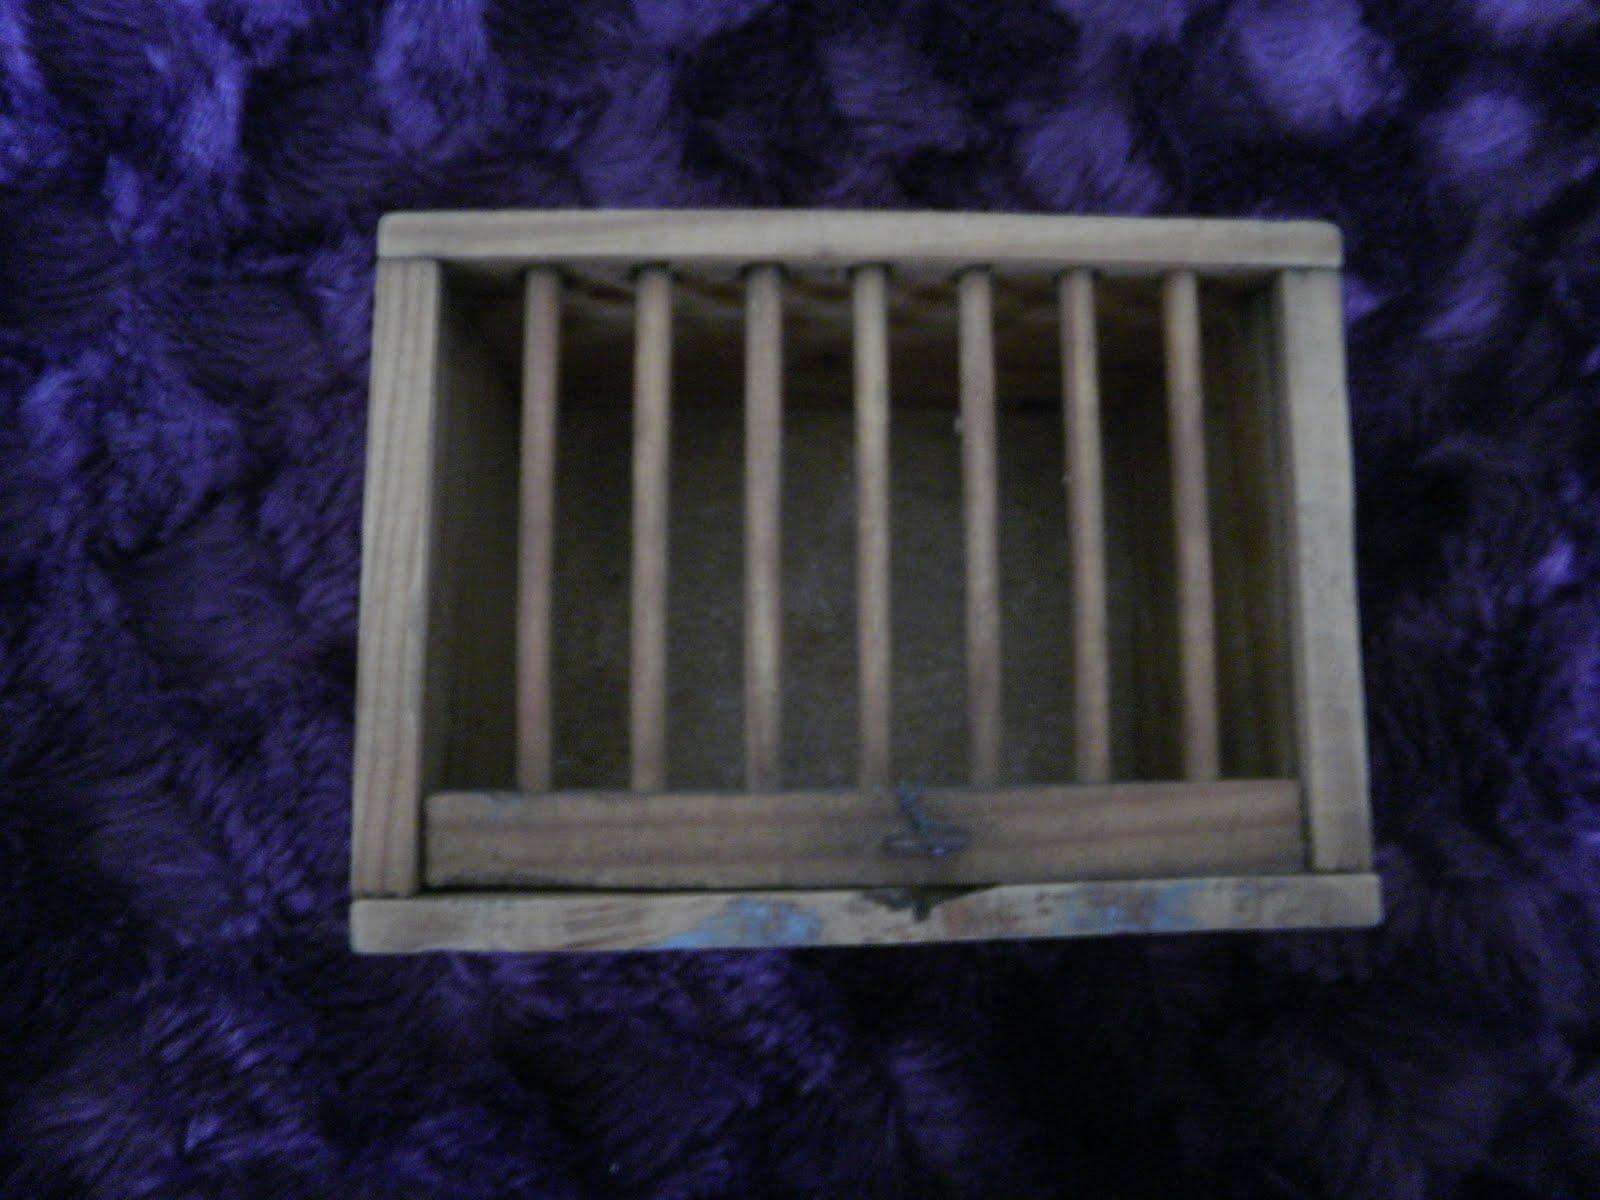 Estrellita de az car restauraci n jaula de madera for Restauracion tejados de madera